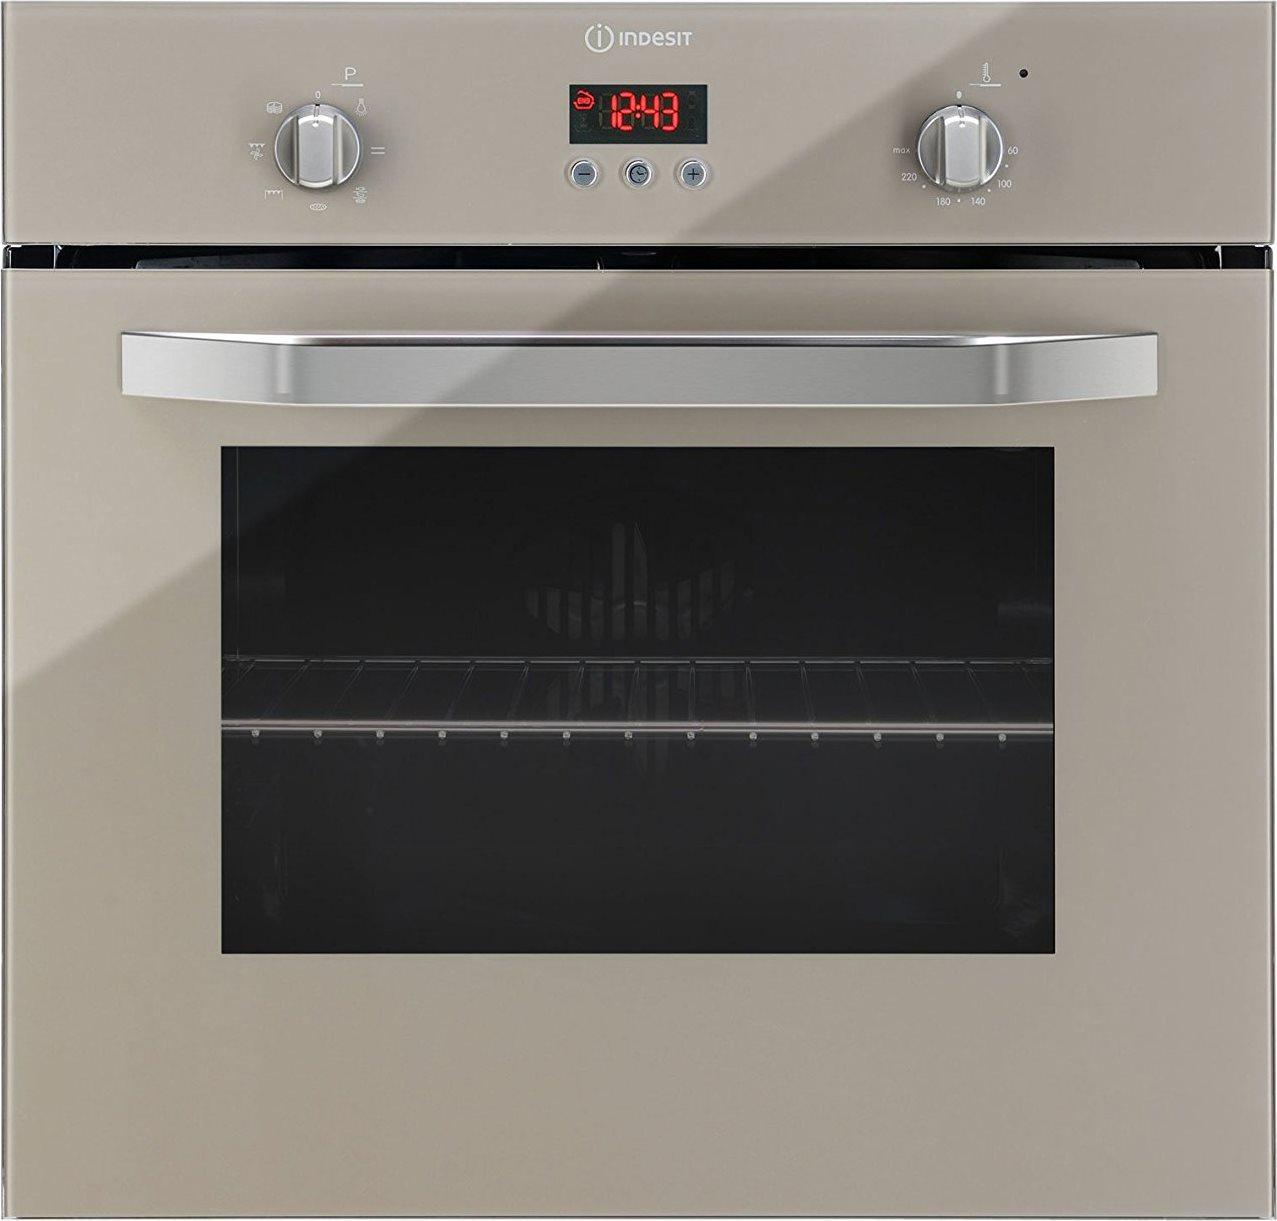 Forno indesit ifg 63 k a td multichef 6 serie prime glass forno da incasso elettrico - Forno da incasso indesit ...